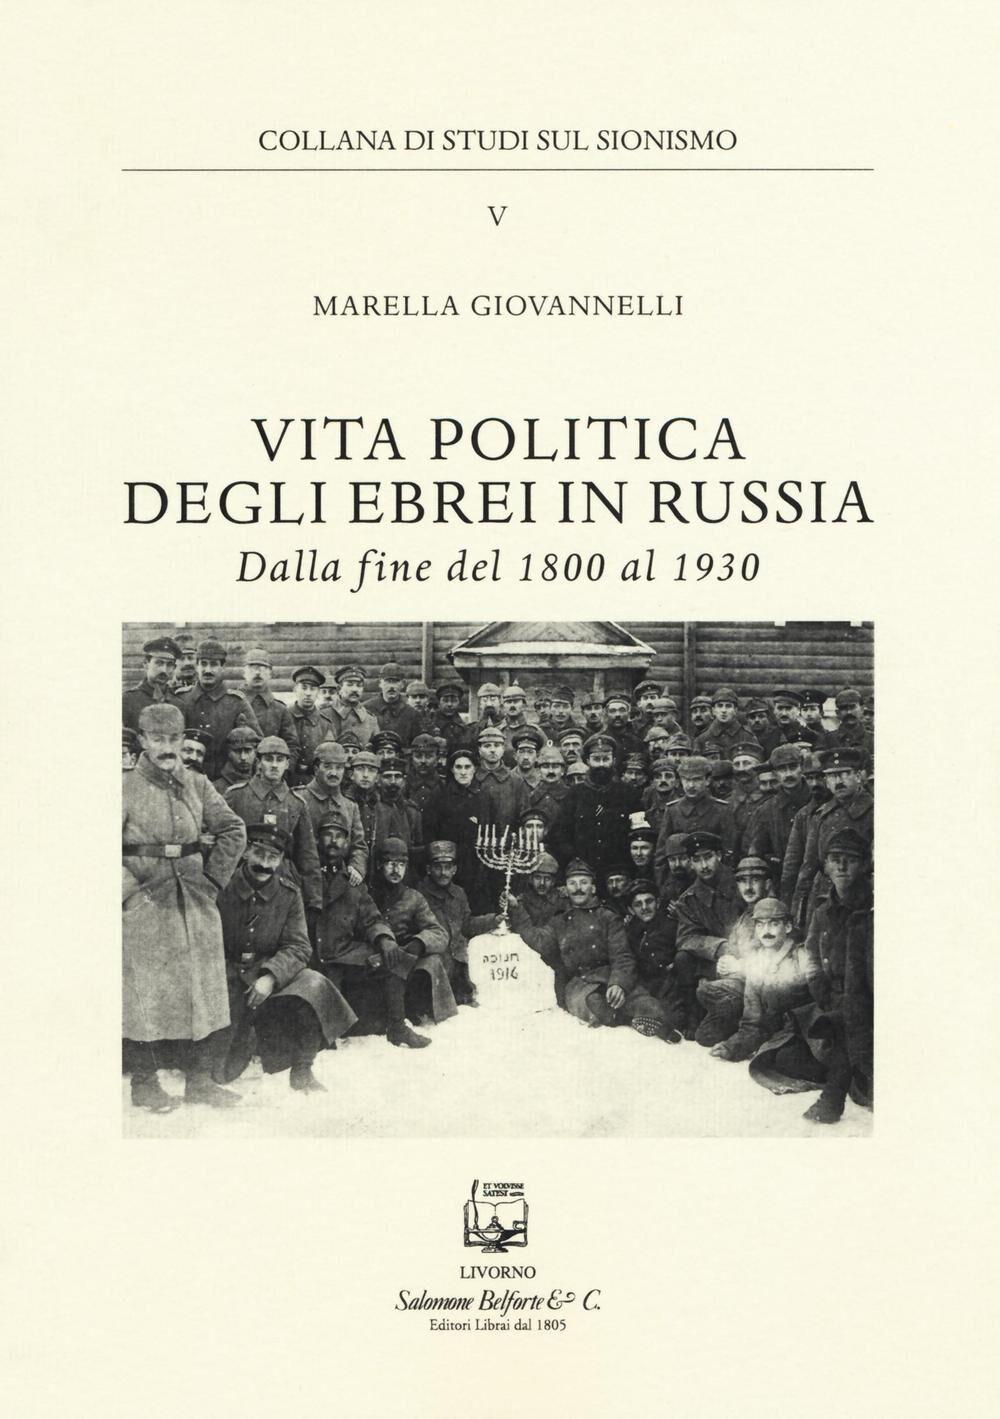 Vita politica degli ebrei in Russia. Dalla fine del 1800 al 1930